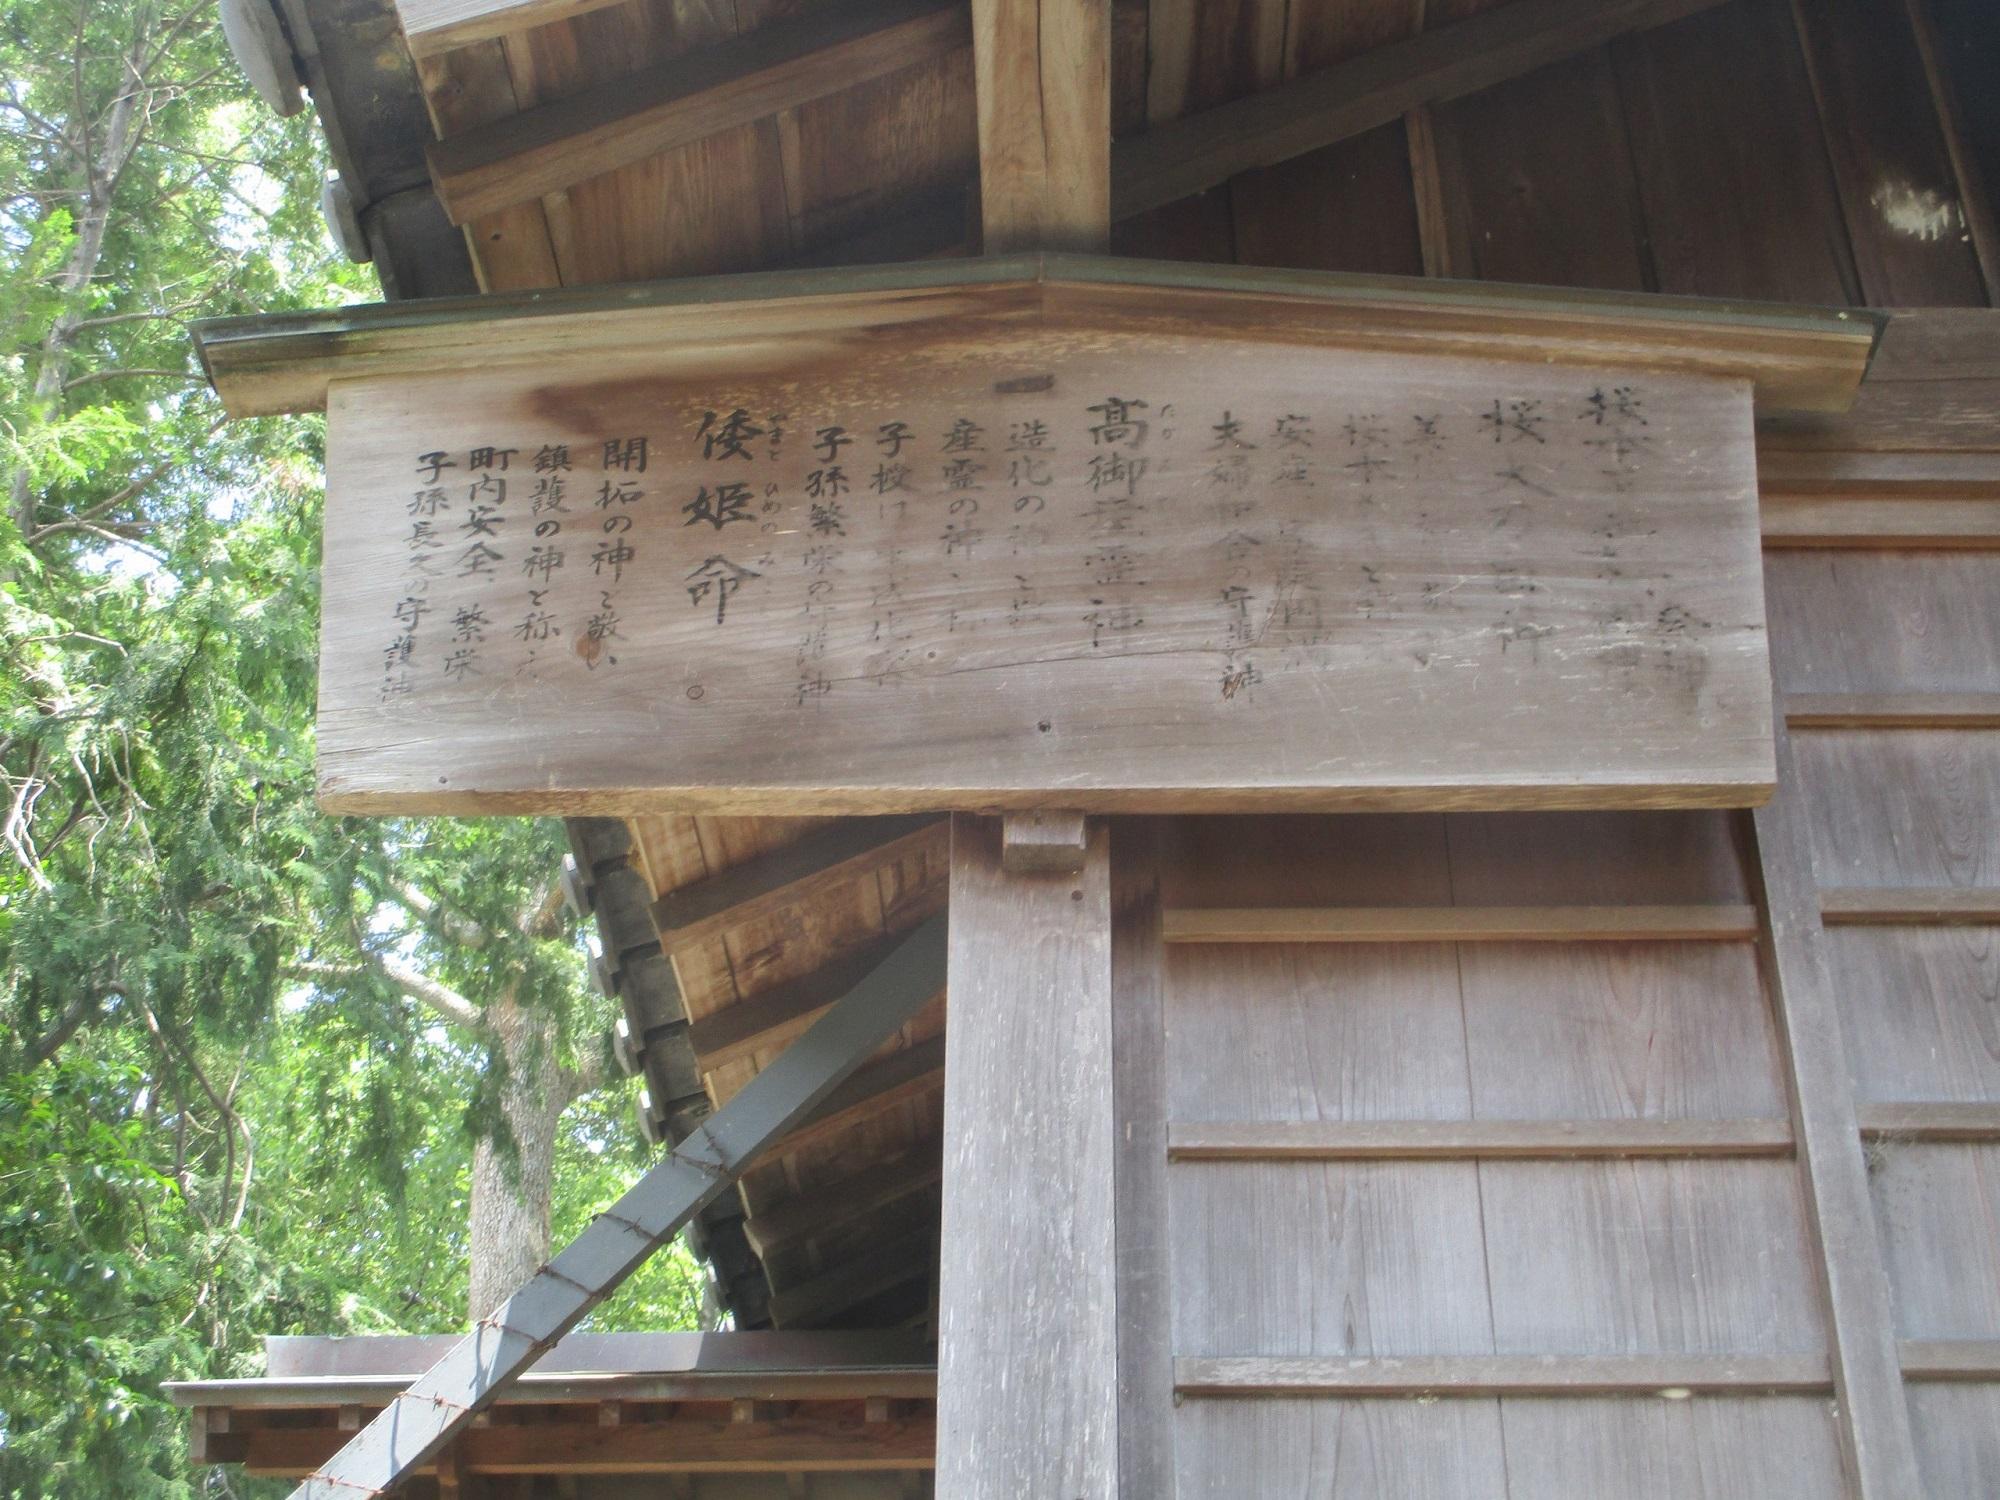 2020.6.17 (8) 古井神社 - 桜本天神の表札 2000-1500